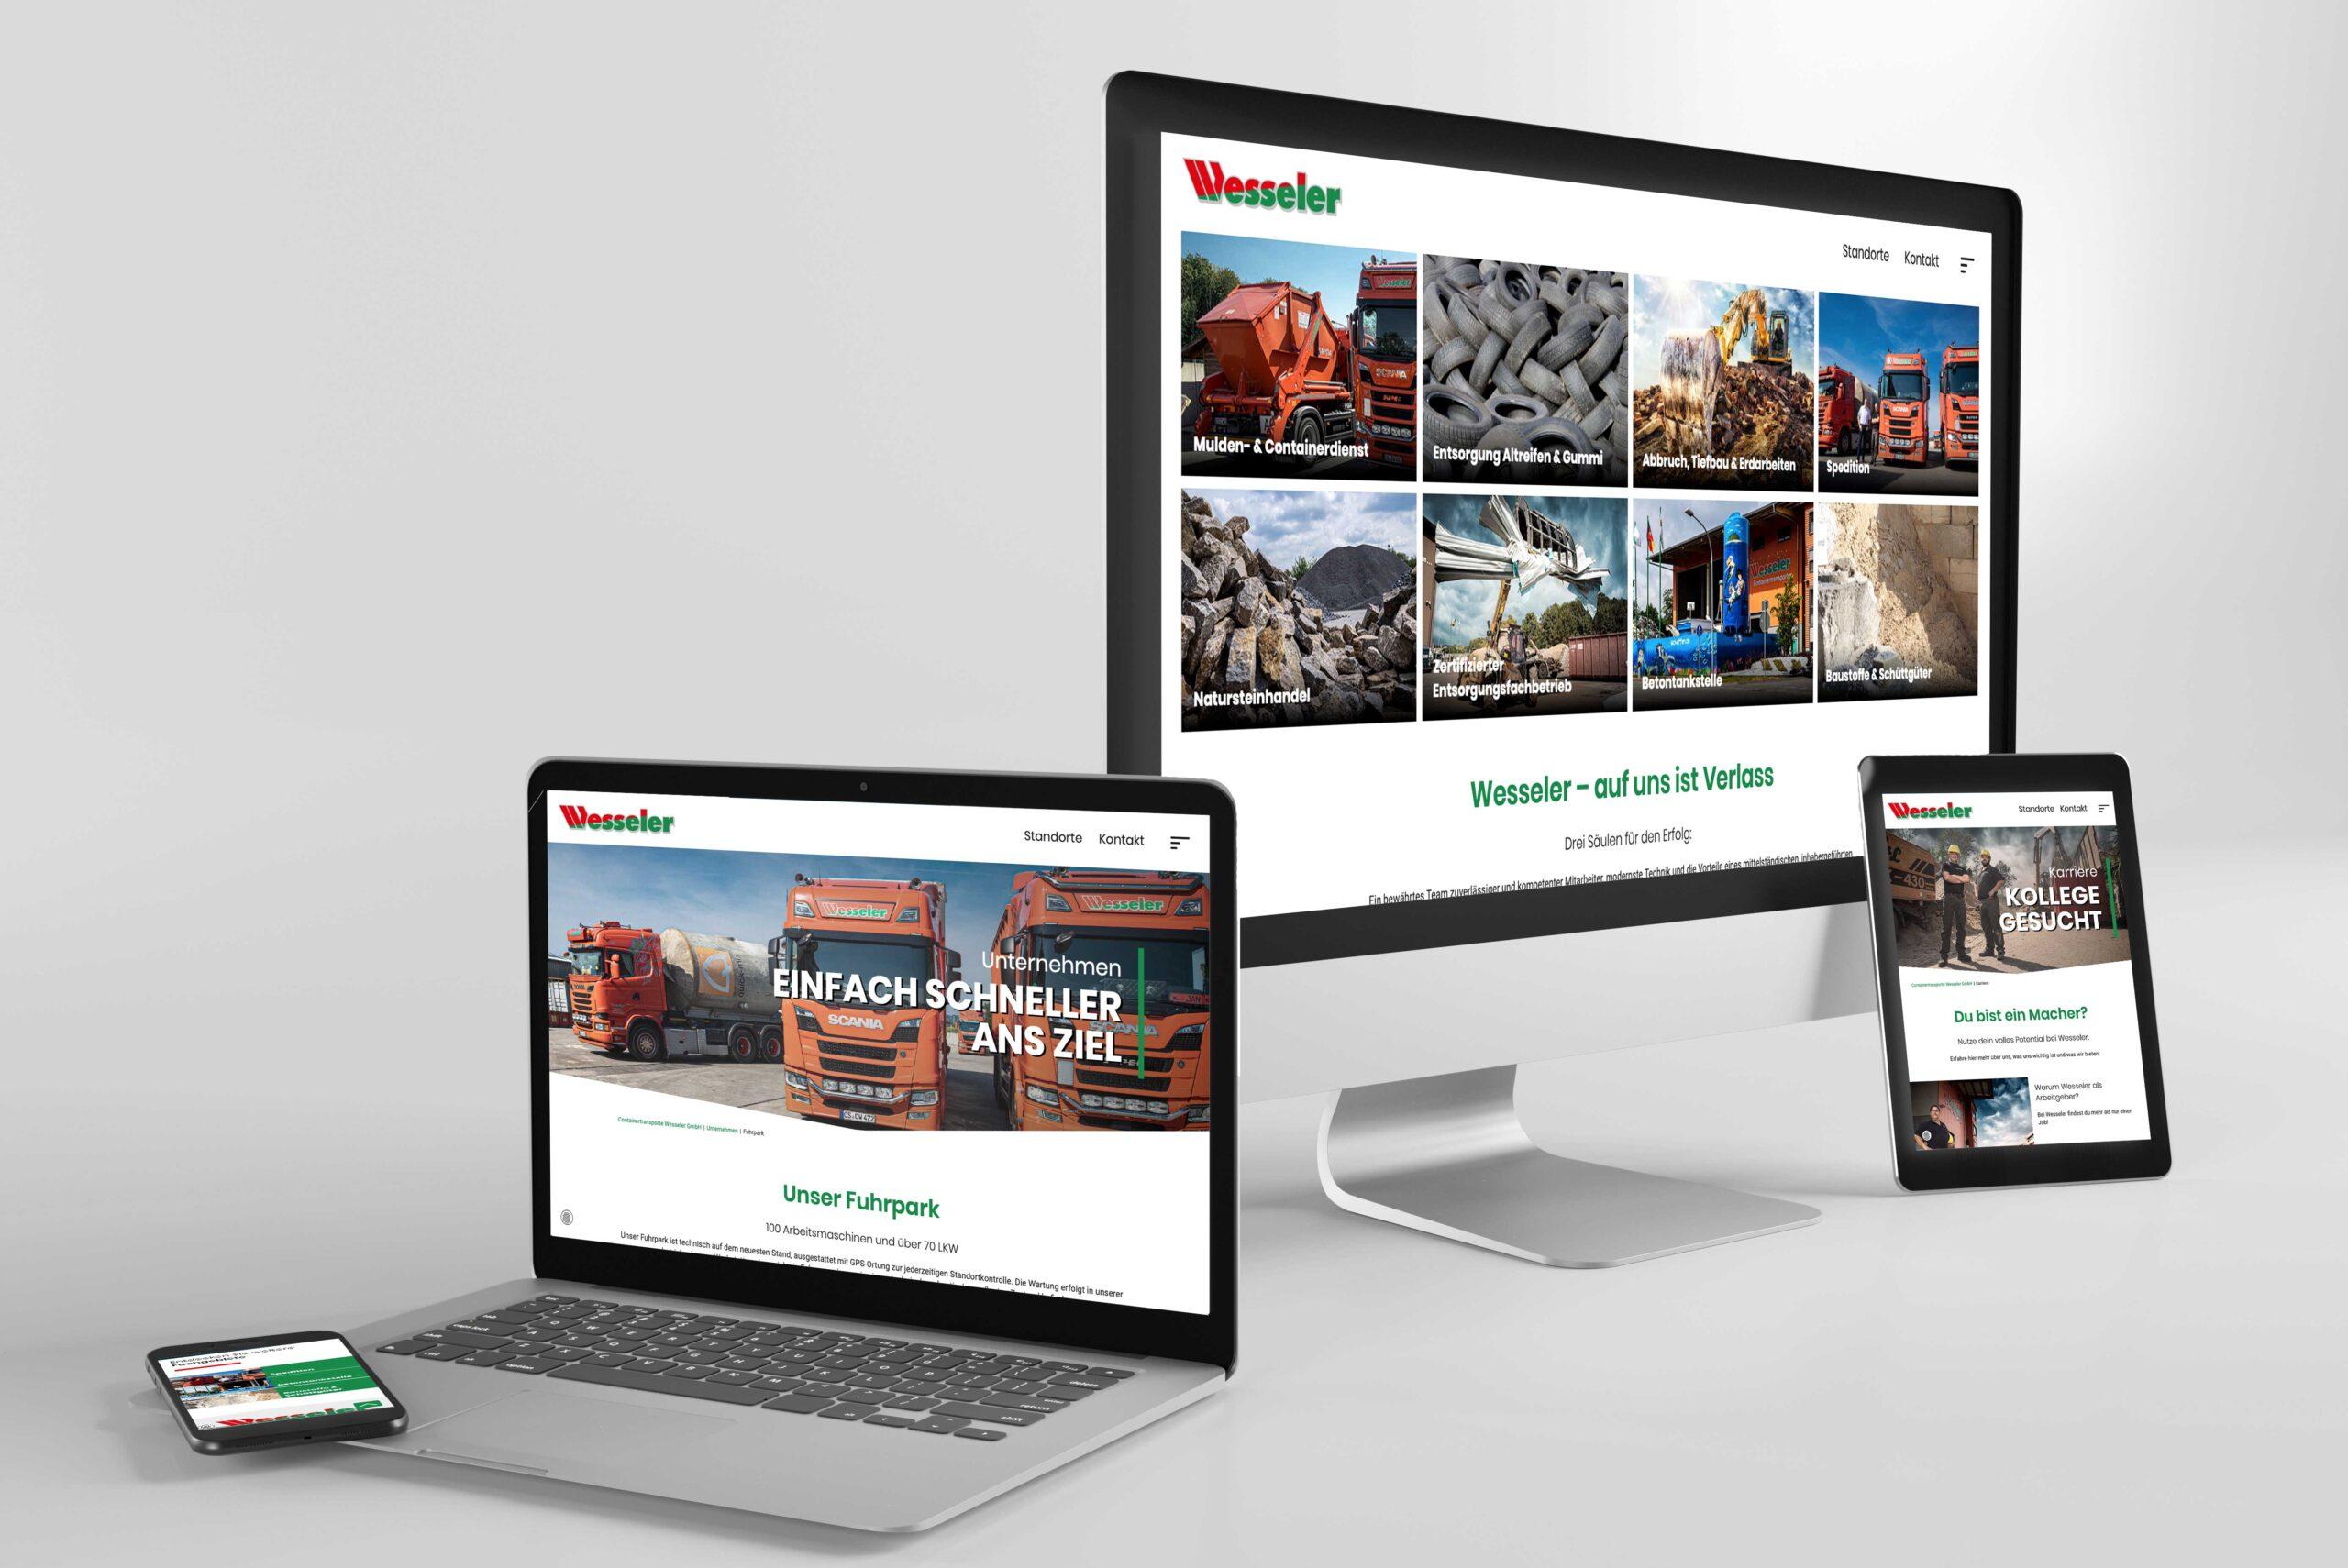 Webdesign Wesseler von team4media